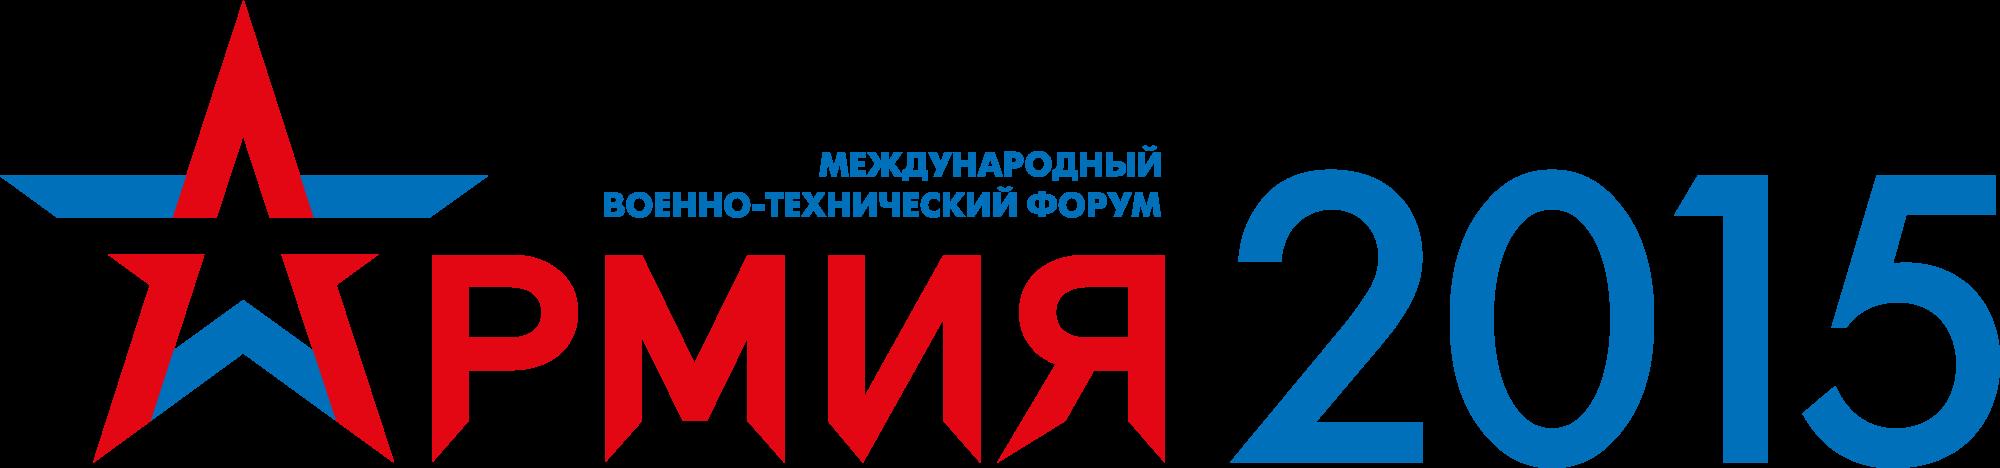 """Векторный логотип Форума """"Армия 2015"""""""